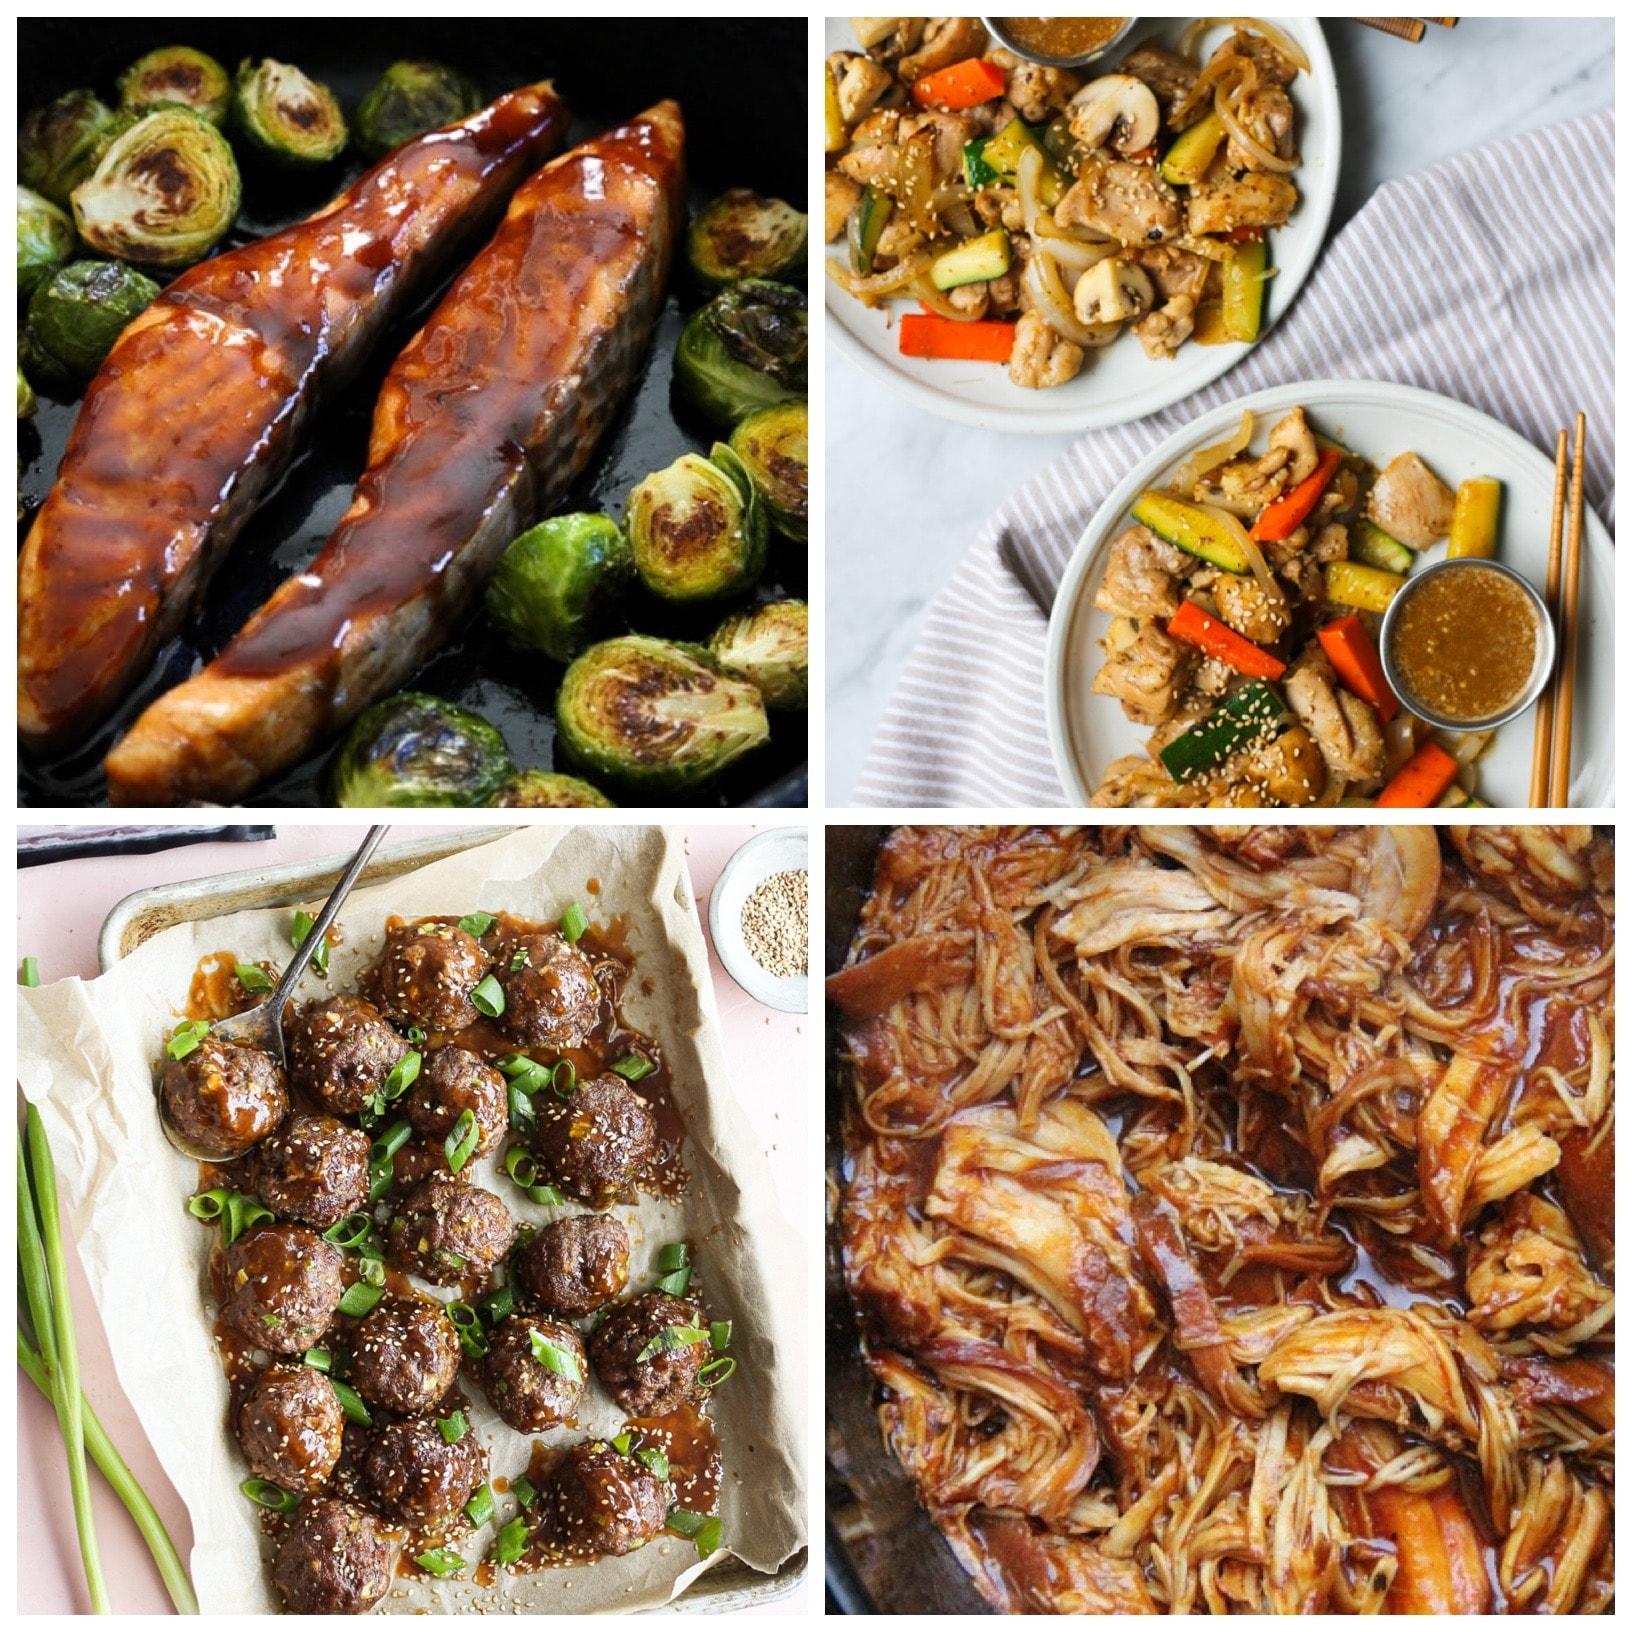 Brighton Keller April week 1 meals